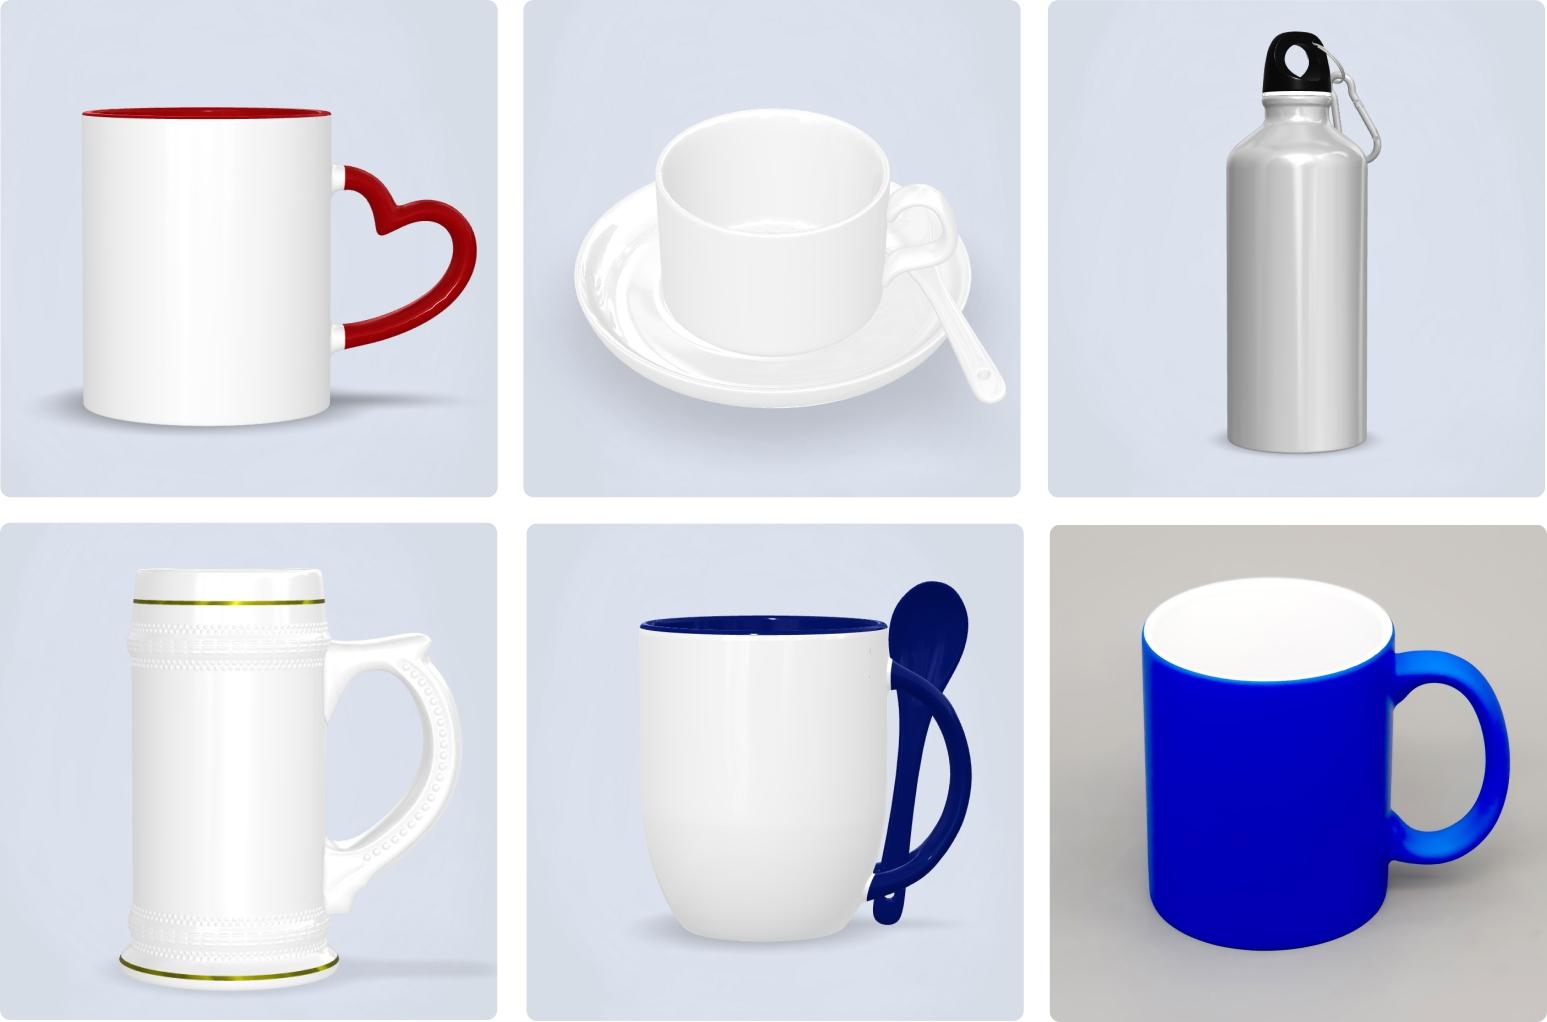 Вид выбора кружек, бокалов, чашек, для печати и каталога заготовок кружек